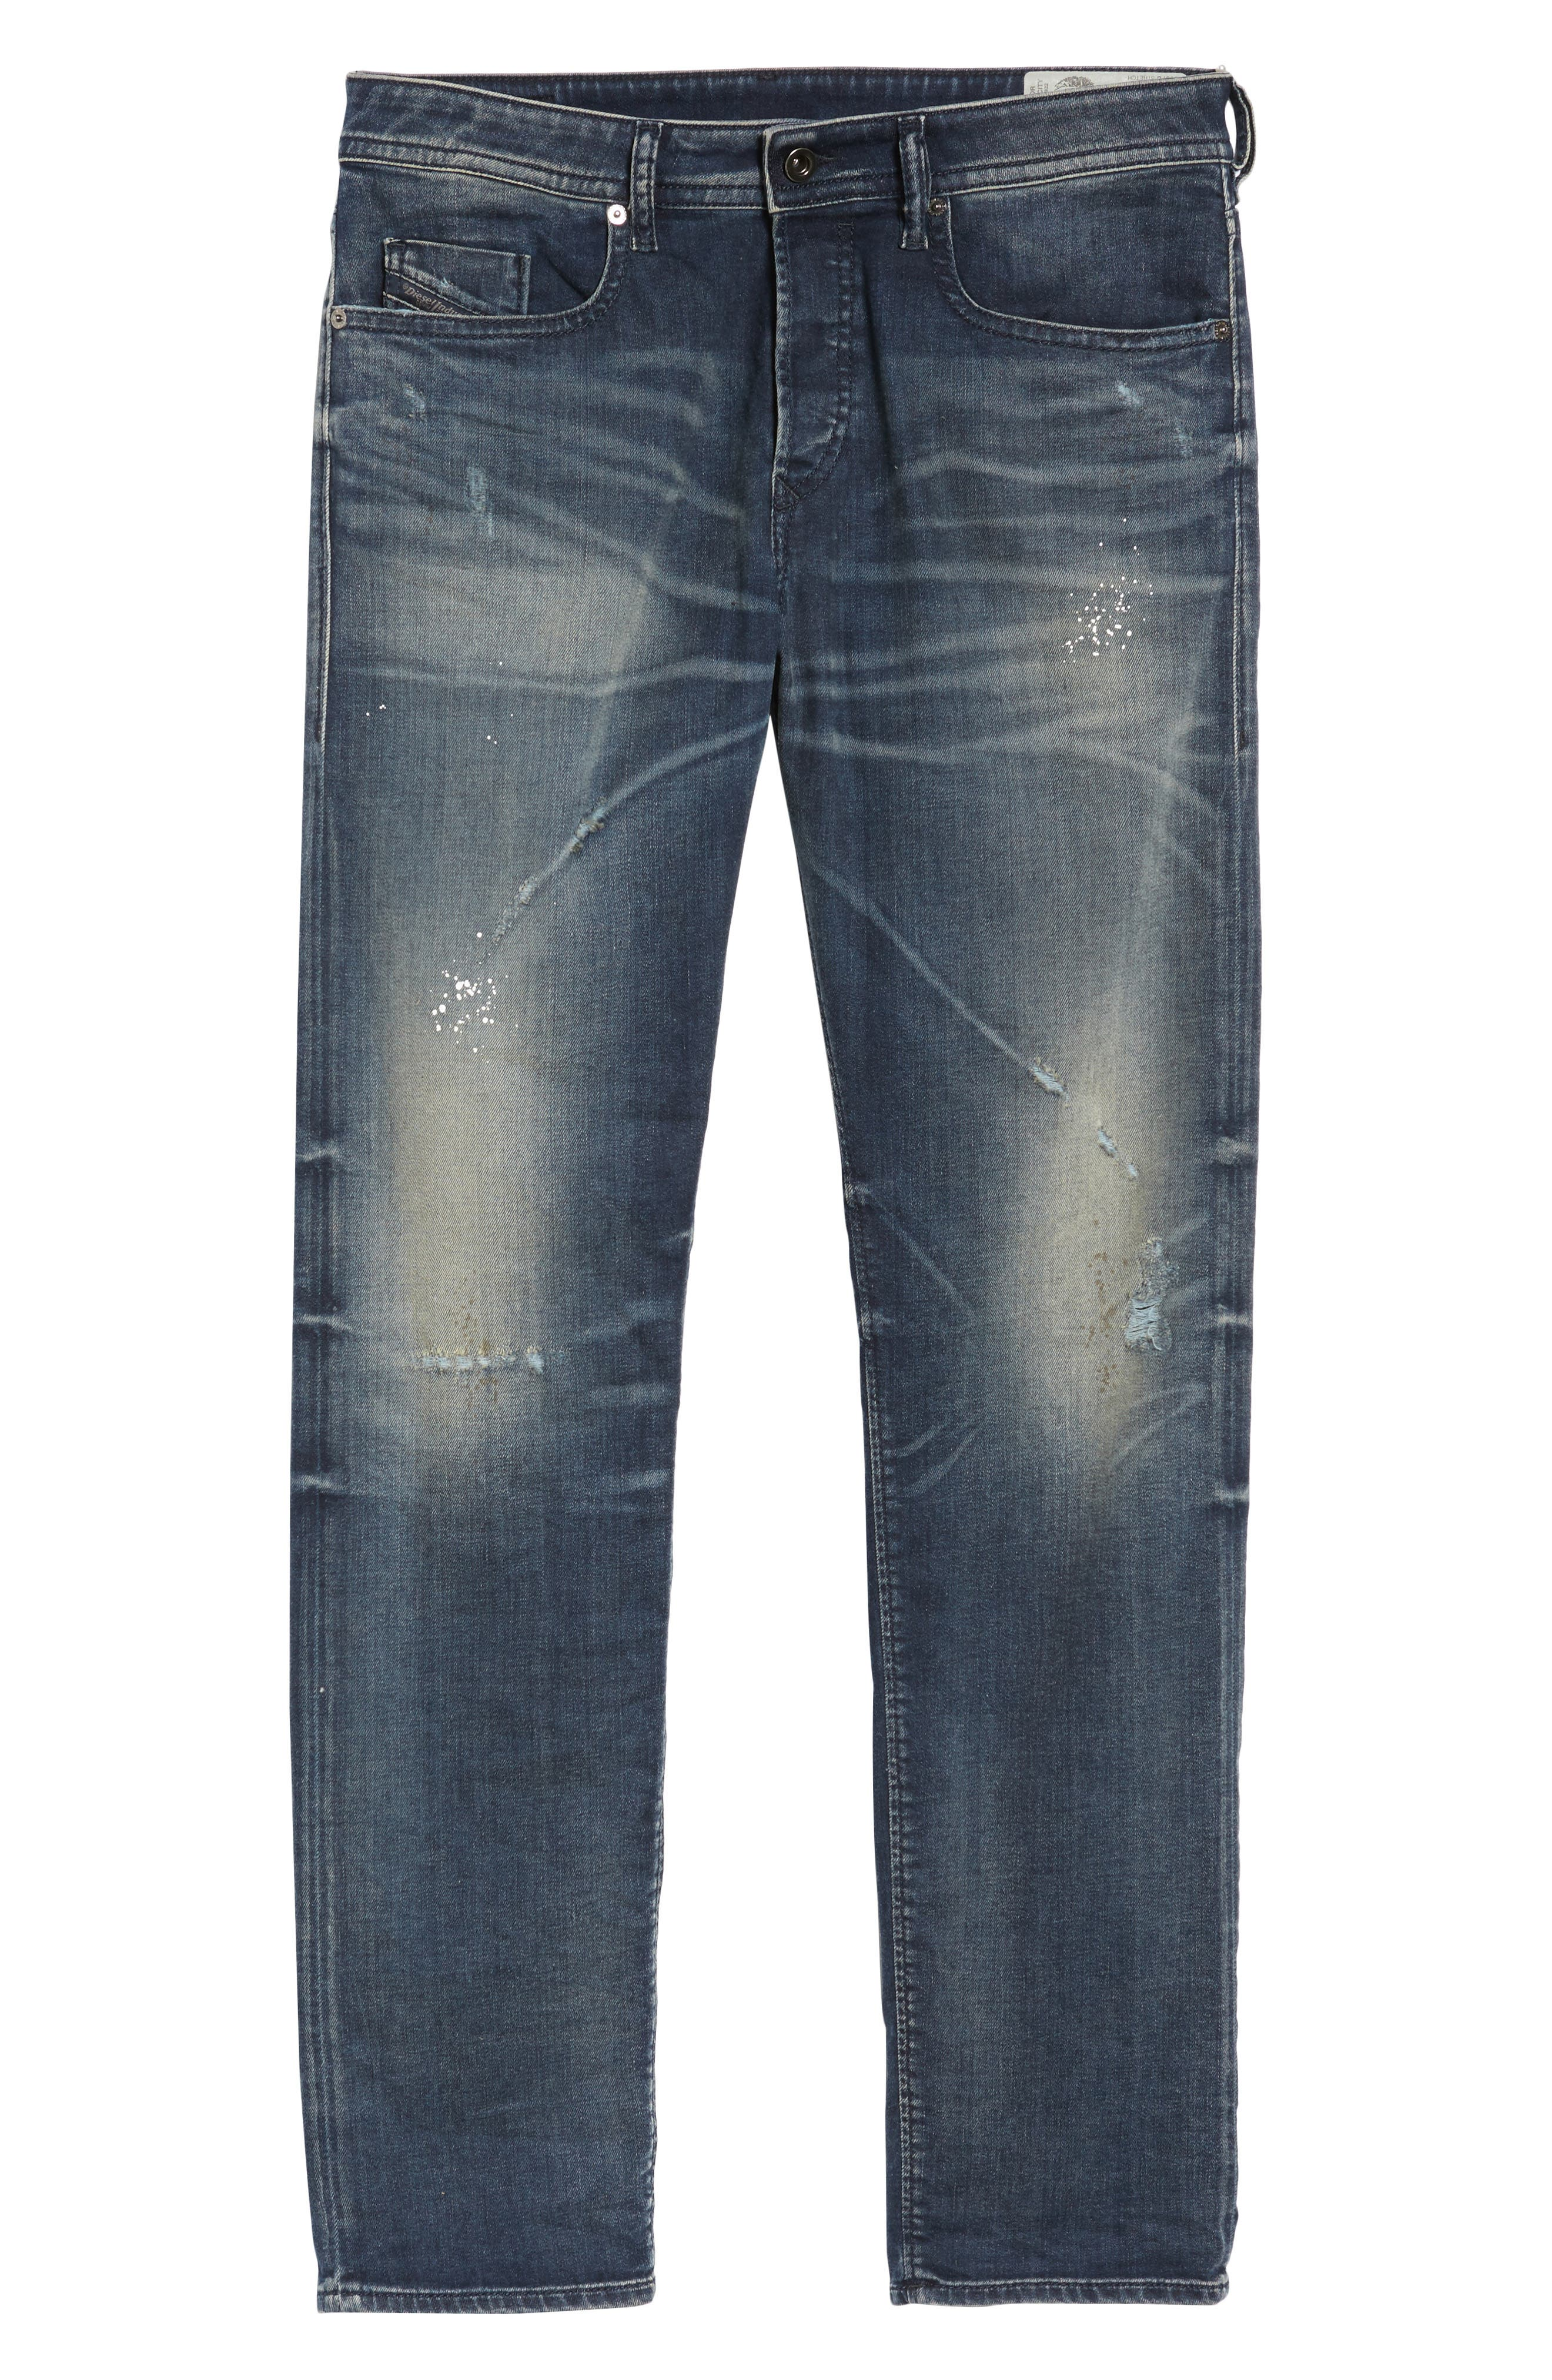 Buster Slim Straight Leg Jeans,                             Alternate thumbnail 6, color,                             400